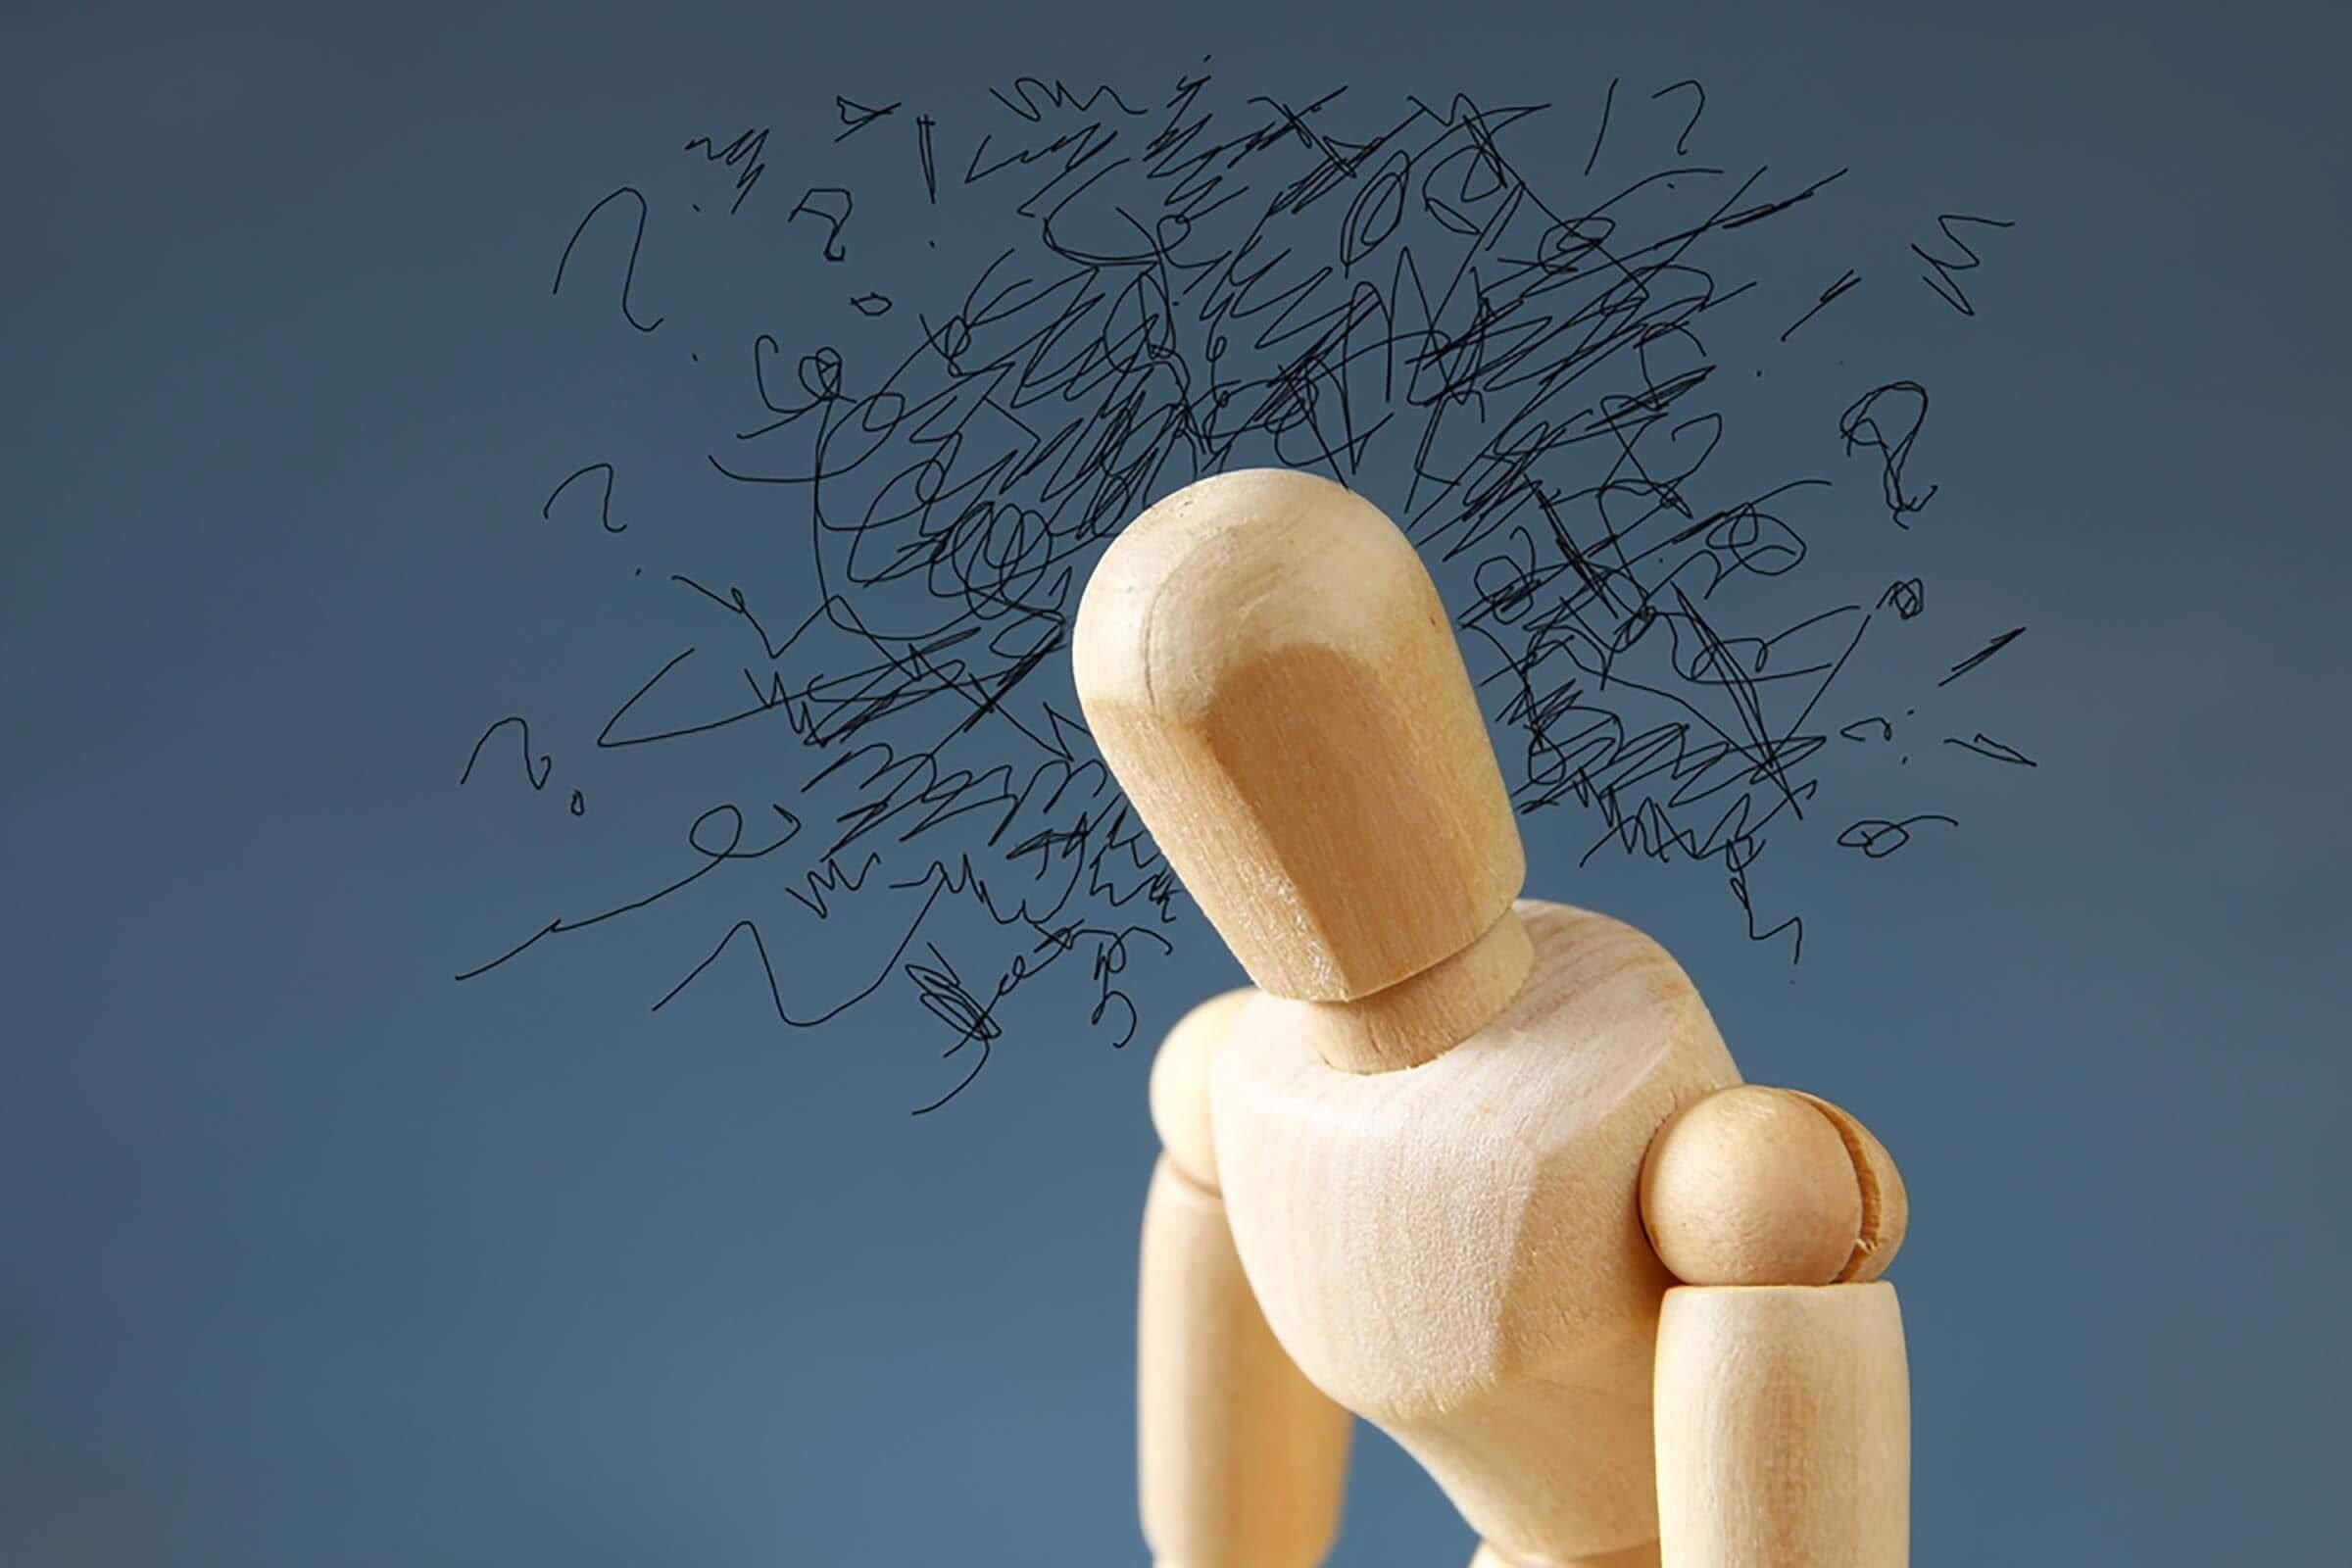 Bonhomme articulé en bois pour représenter le trouble obsessionnel-compulsif.